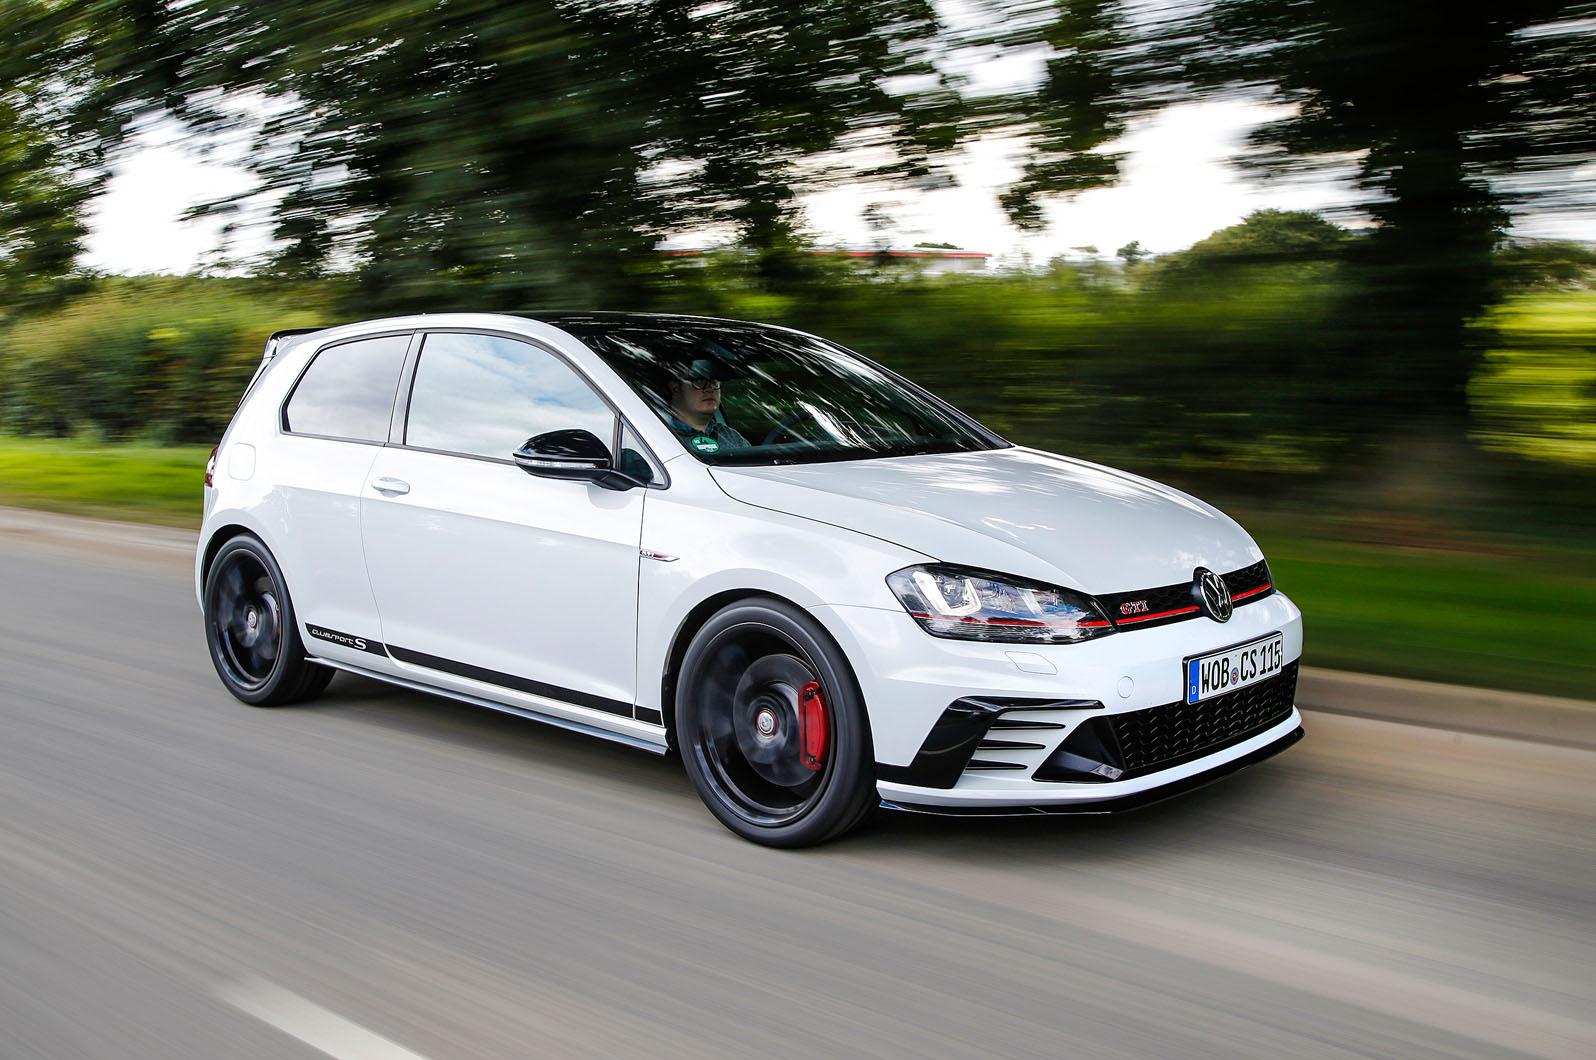 vw golf gti clubsport s - l'automobile volkswagen et autres marque de voiture respectent elles les normes video